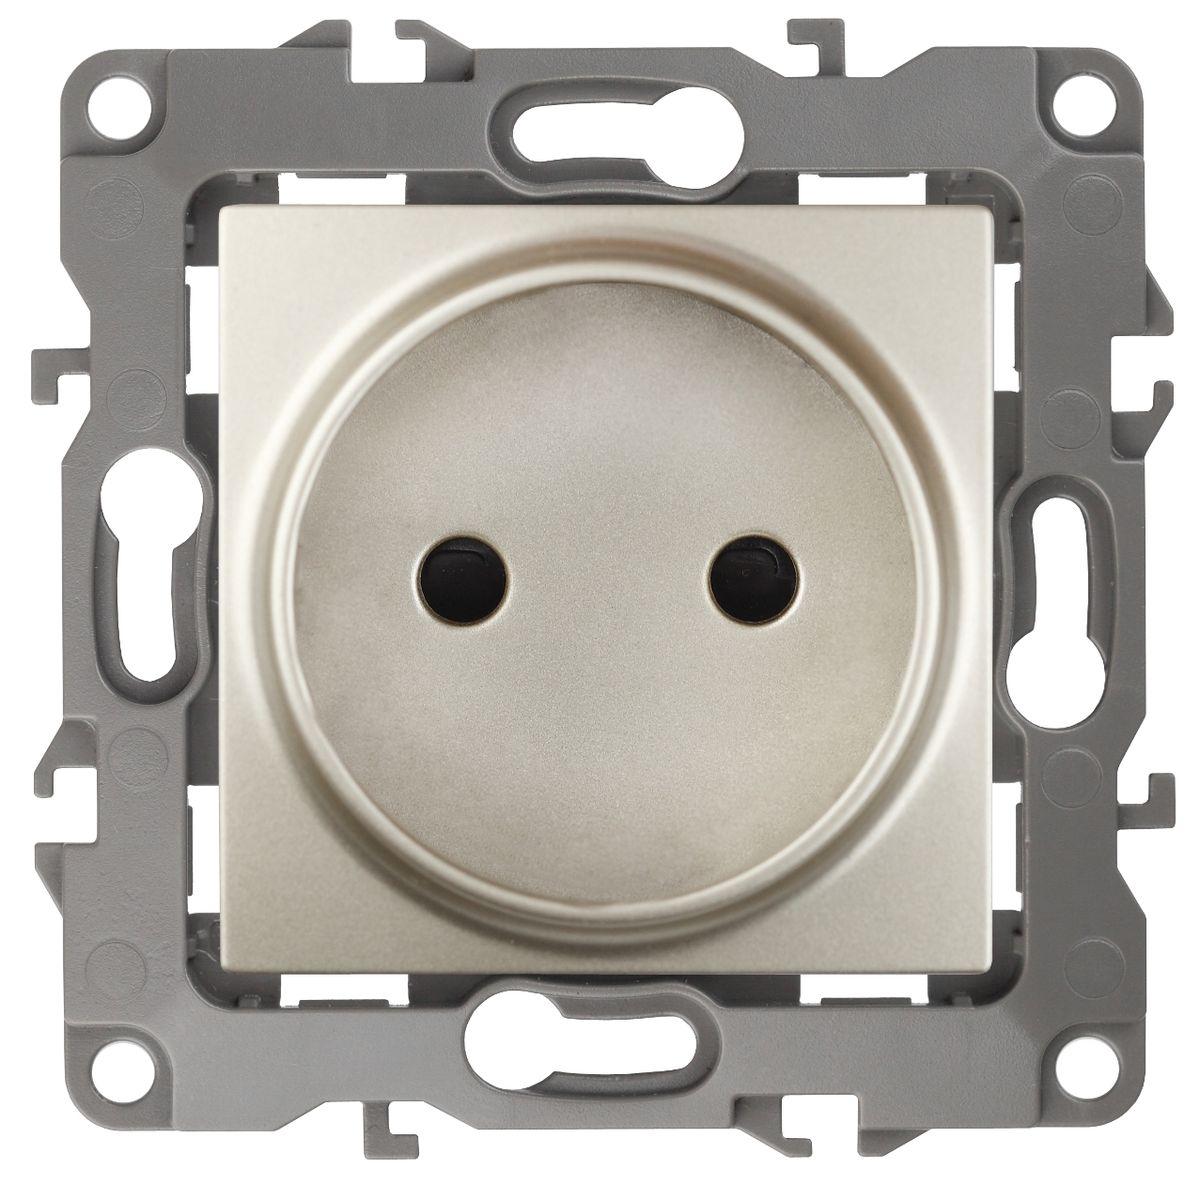 Розетка ЭРА 2P, 16АХ-250В, Эра12, шампань12-2105-04Автоматические зажимы. Такие зажимы кабеля обеспечивают быстрый и надежный монтаж изделия к электросети без отвертки и не требуют обслуживания в отличие от винтовых зажимов.